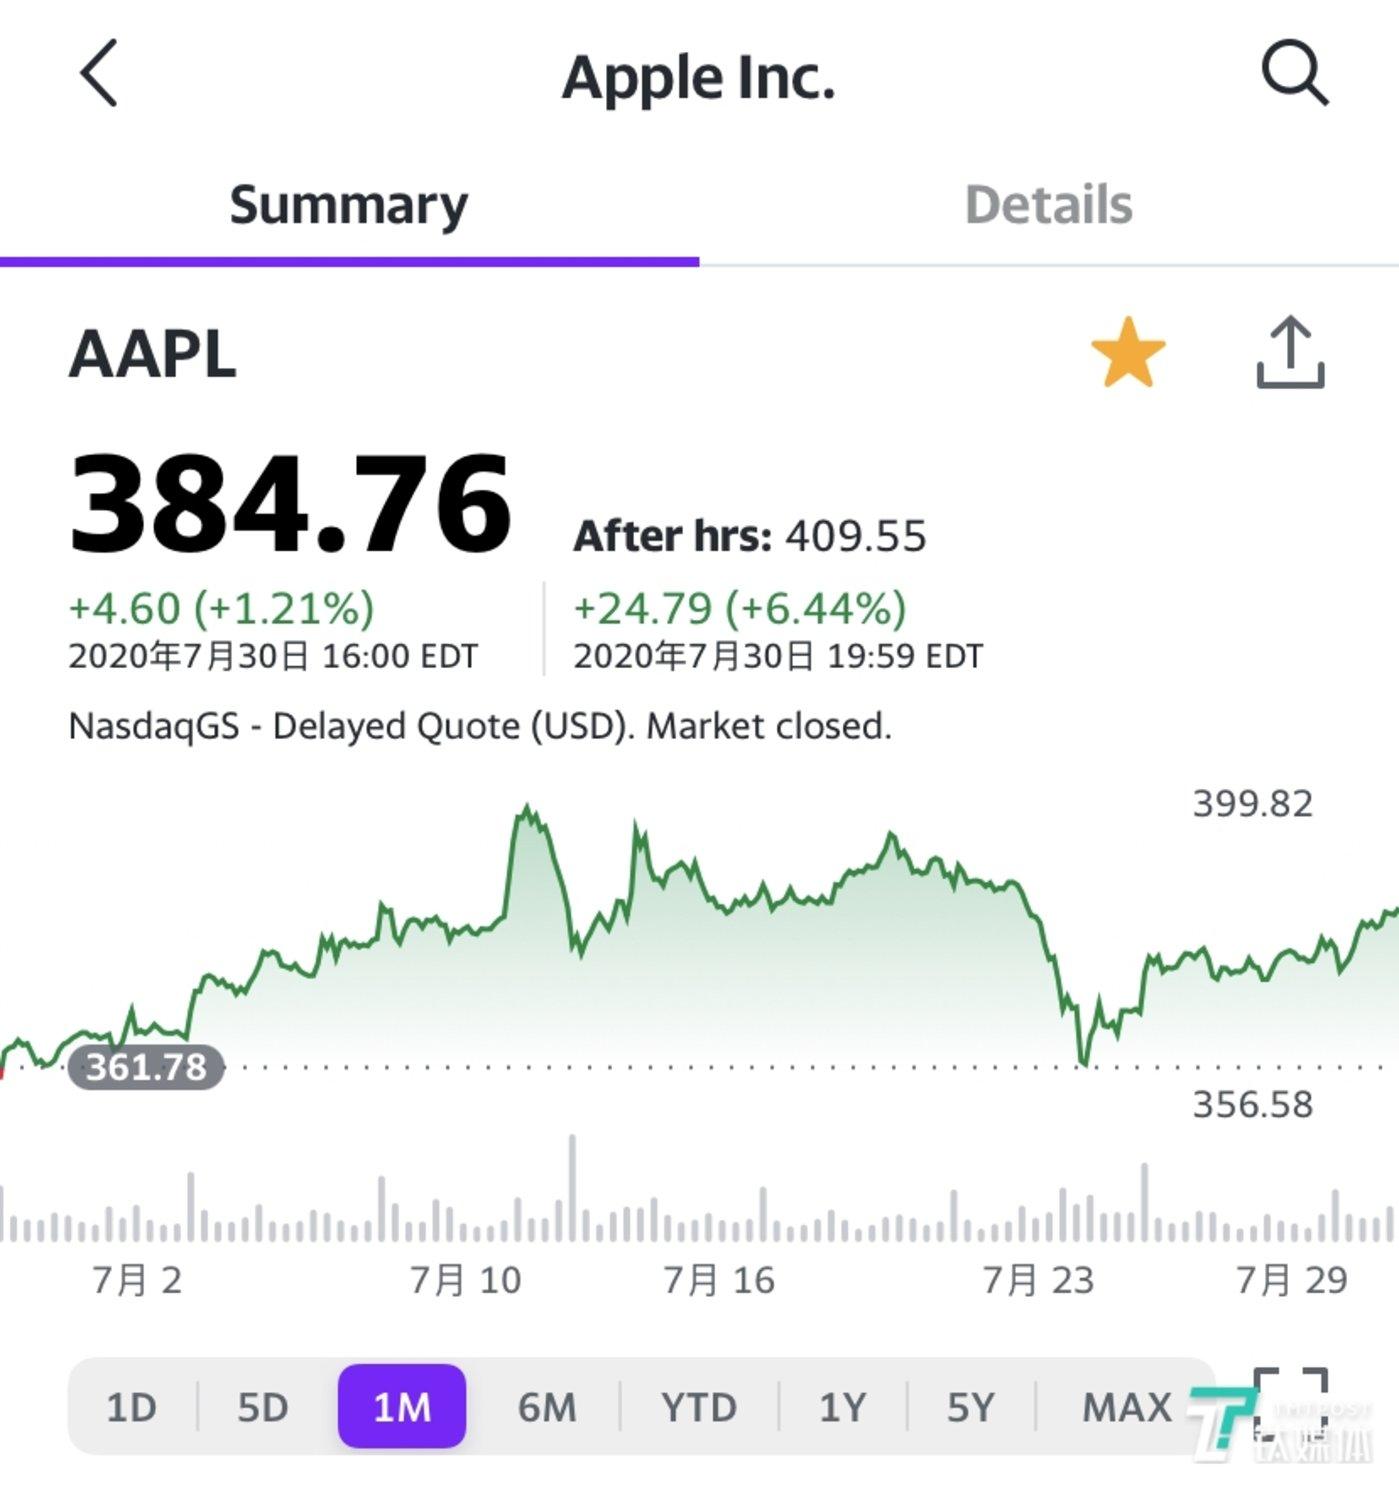 因美国GDP暴跌32.9%消息,苹果股价周四低开高走,收盘时涨幅仅达1.2%,报收384.76美元/股,市值达到1.67万亿美元。截止美东时间20点暂停交易,苹果股价在盘后交易中上涨24.79美元至409.55美元,涨幅达6.44%。